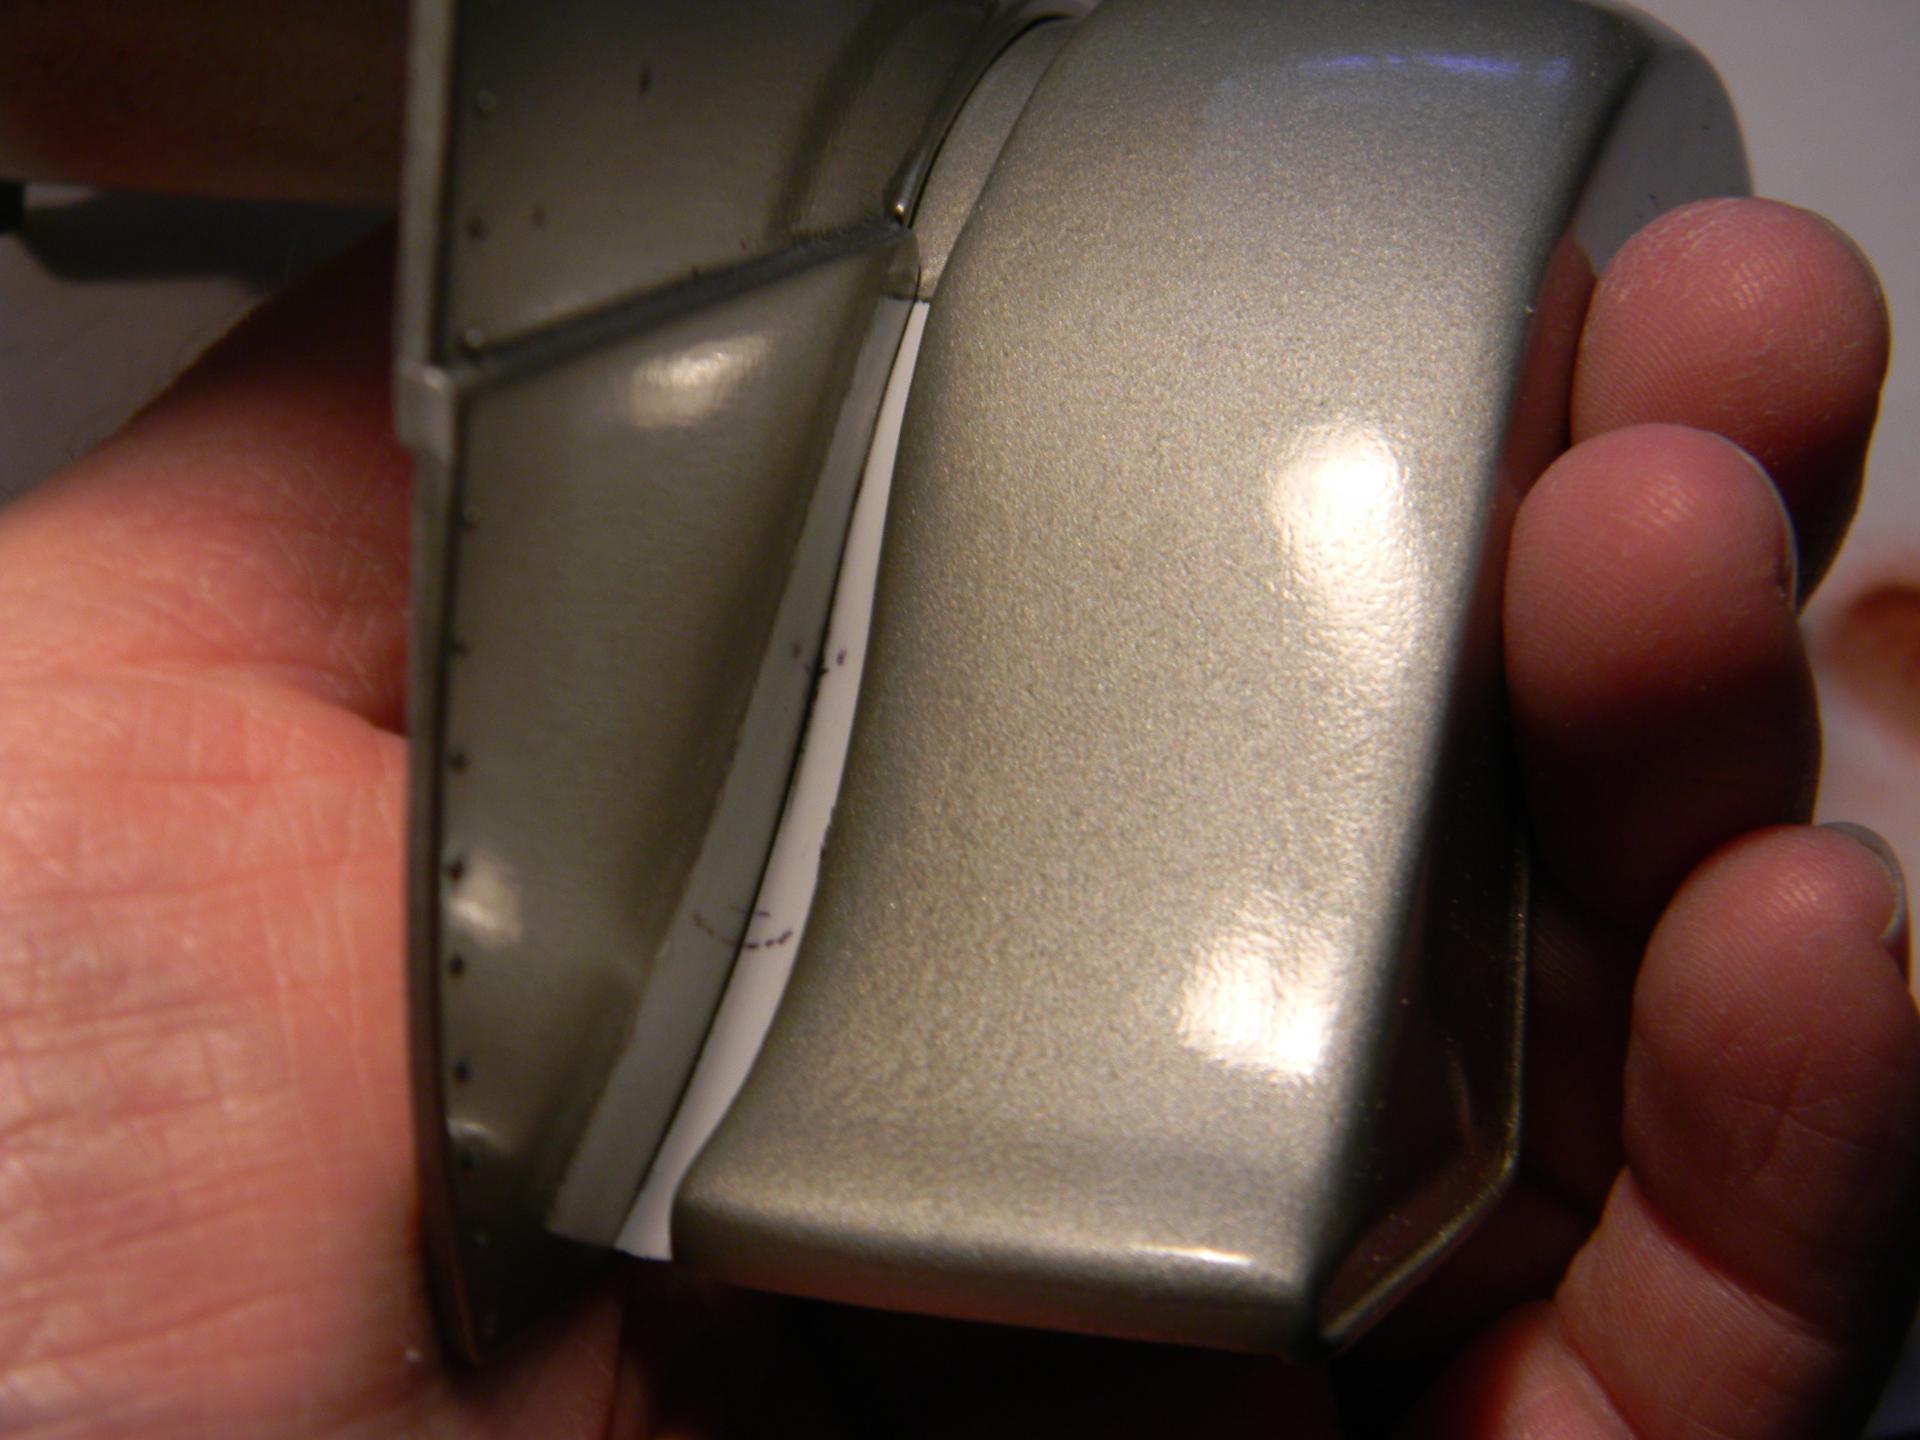 DSCN5002.thumb.JPG.6eff5404b8a5931d6fc020fceda459de.JPG